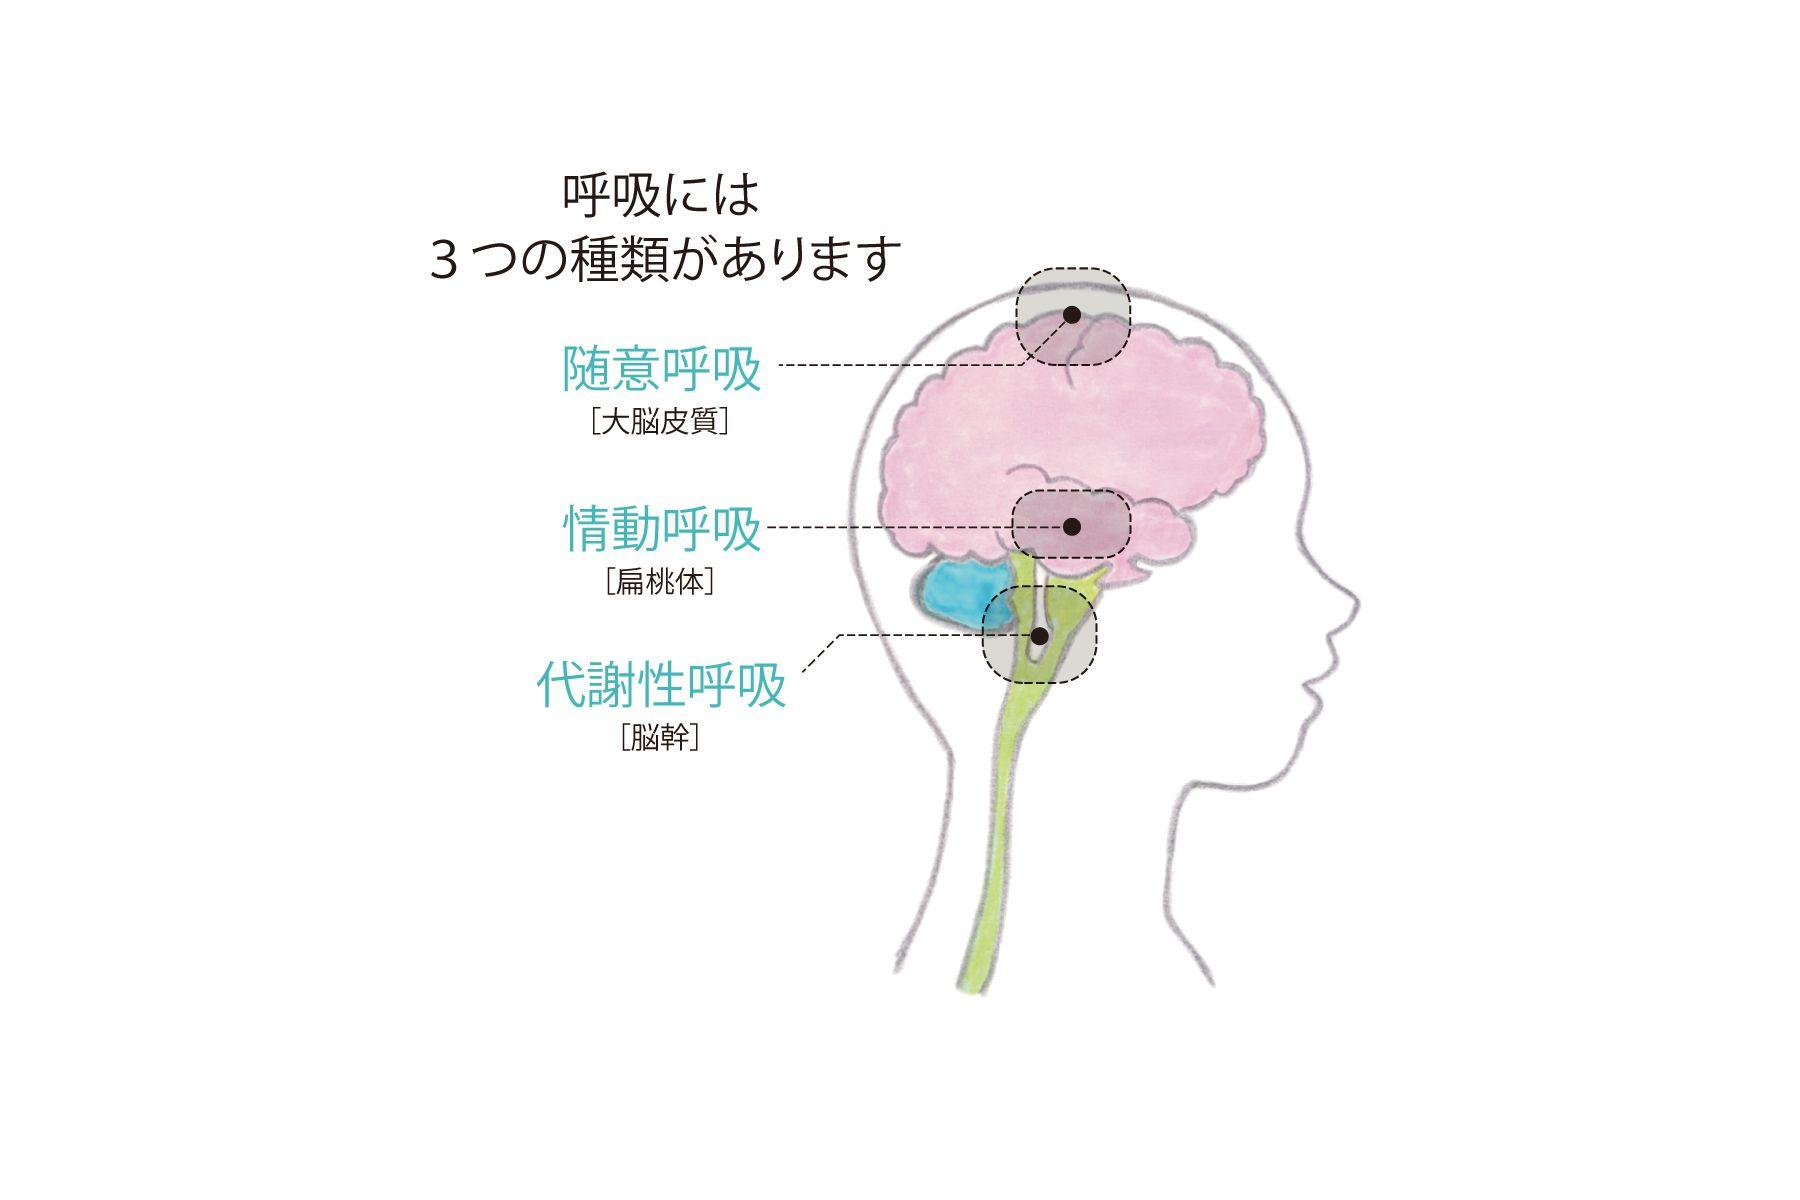 シクソトロピーストレッチ、ヨガ、座禅。呼吸筋を使う呼吸法で、更年期 ...